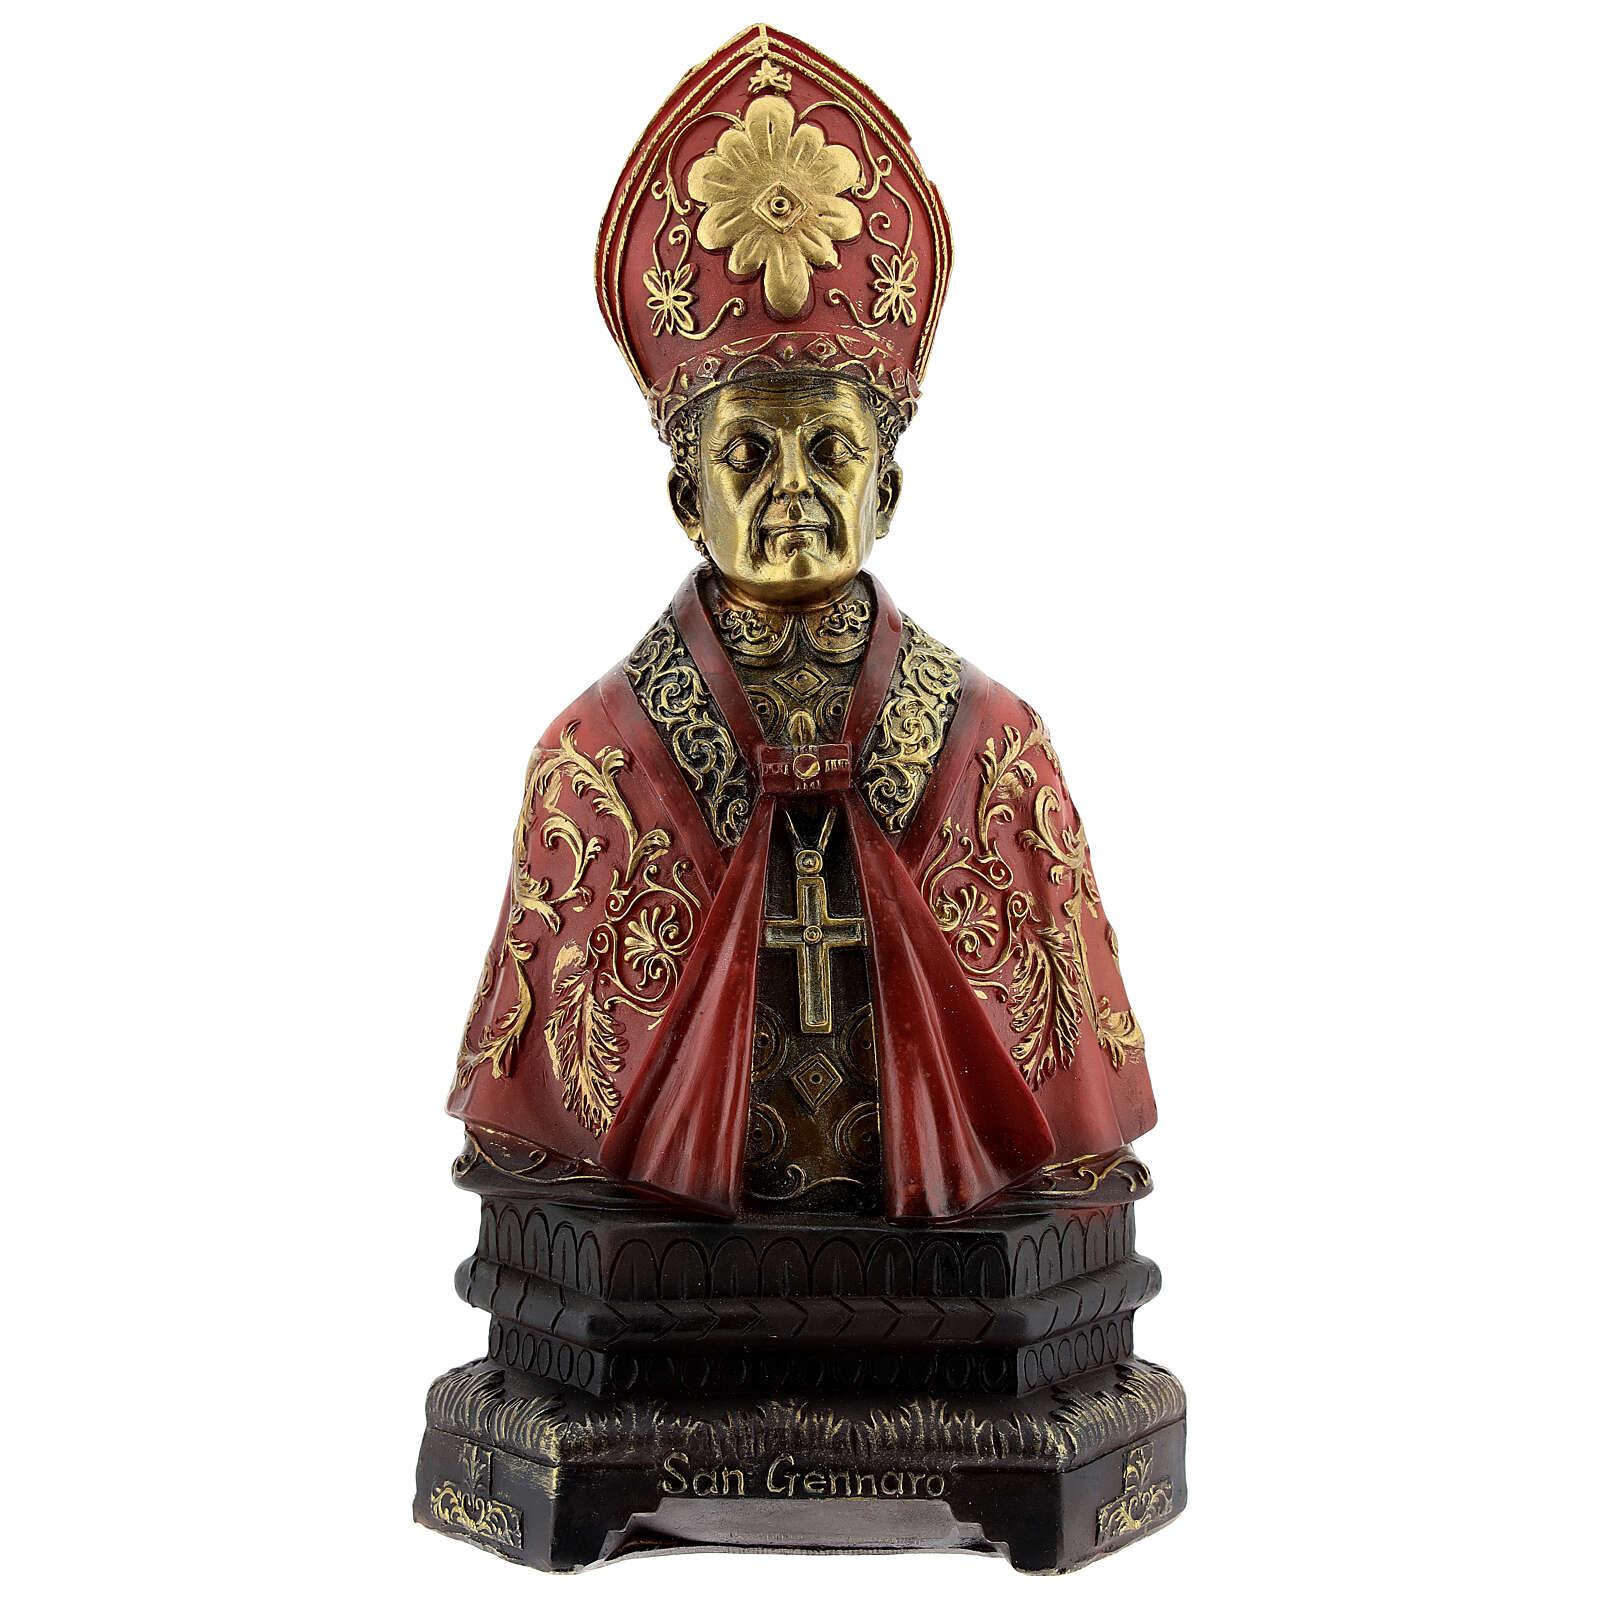 Saint Janvier décorations or buste résine 20x10,5 cm 4